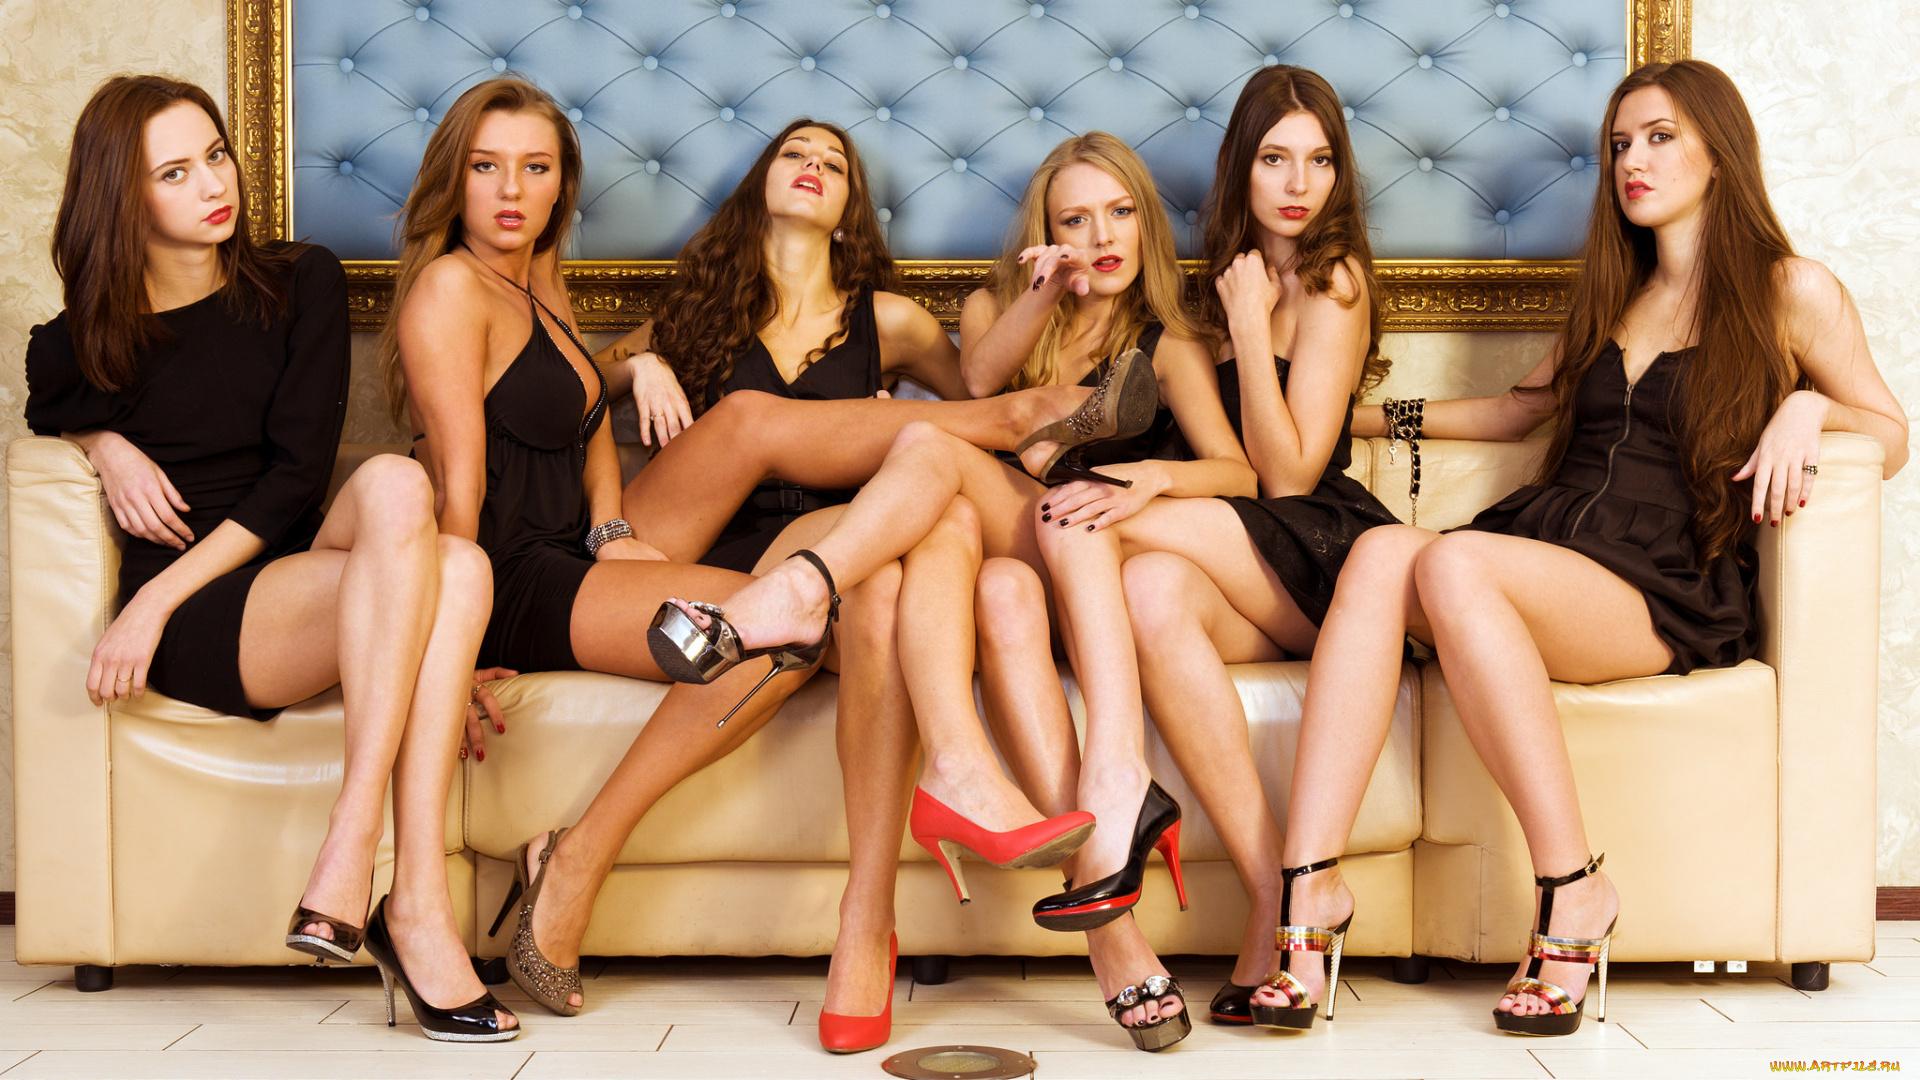 Проститутку фирмы заказать индивидуалку в Тюмени ул Комиссаржевской